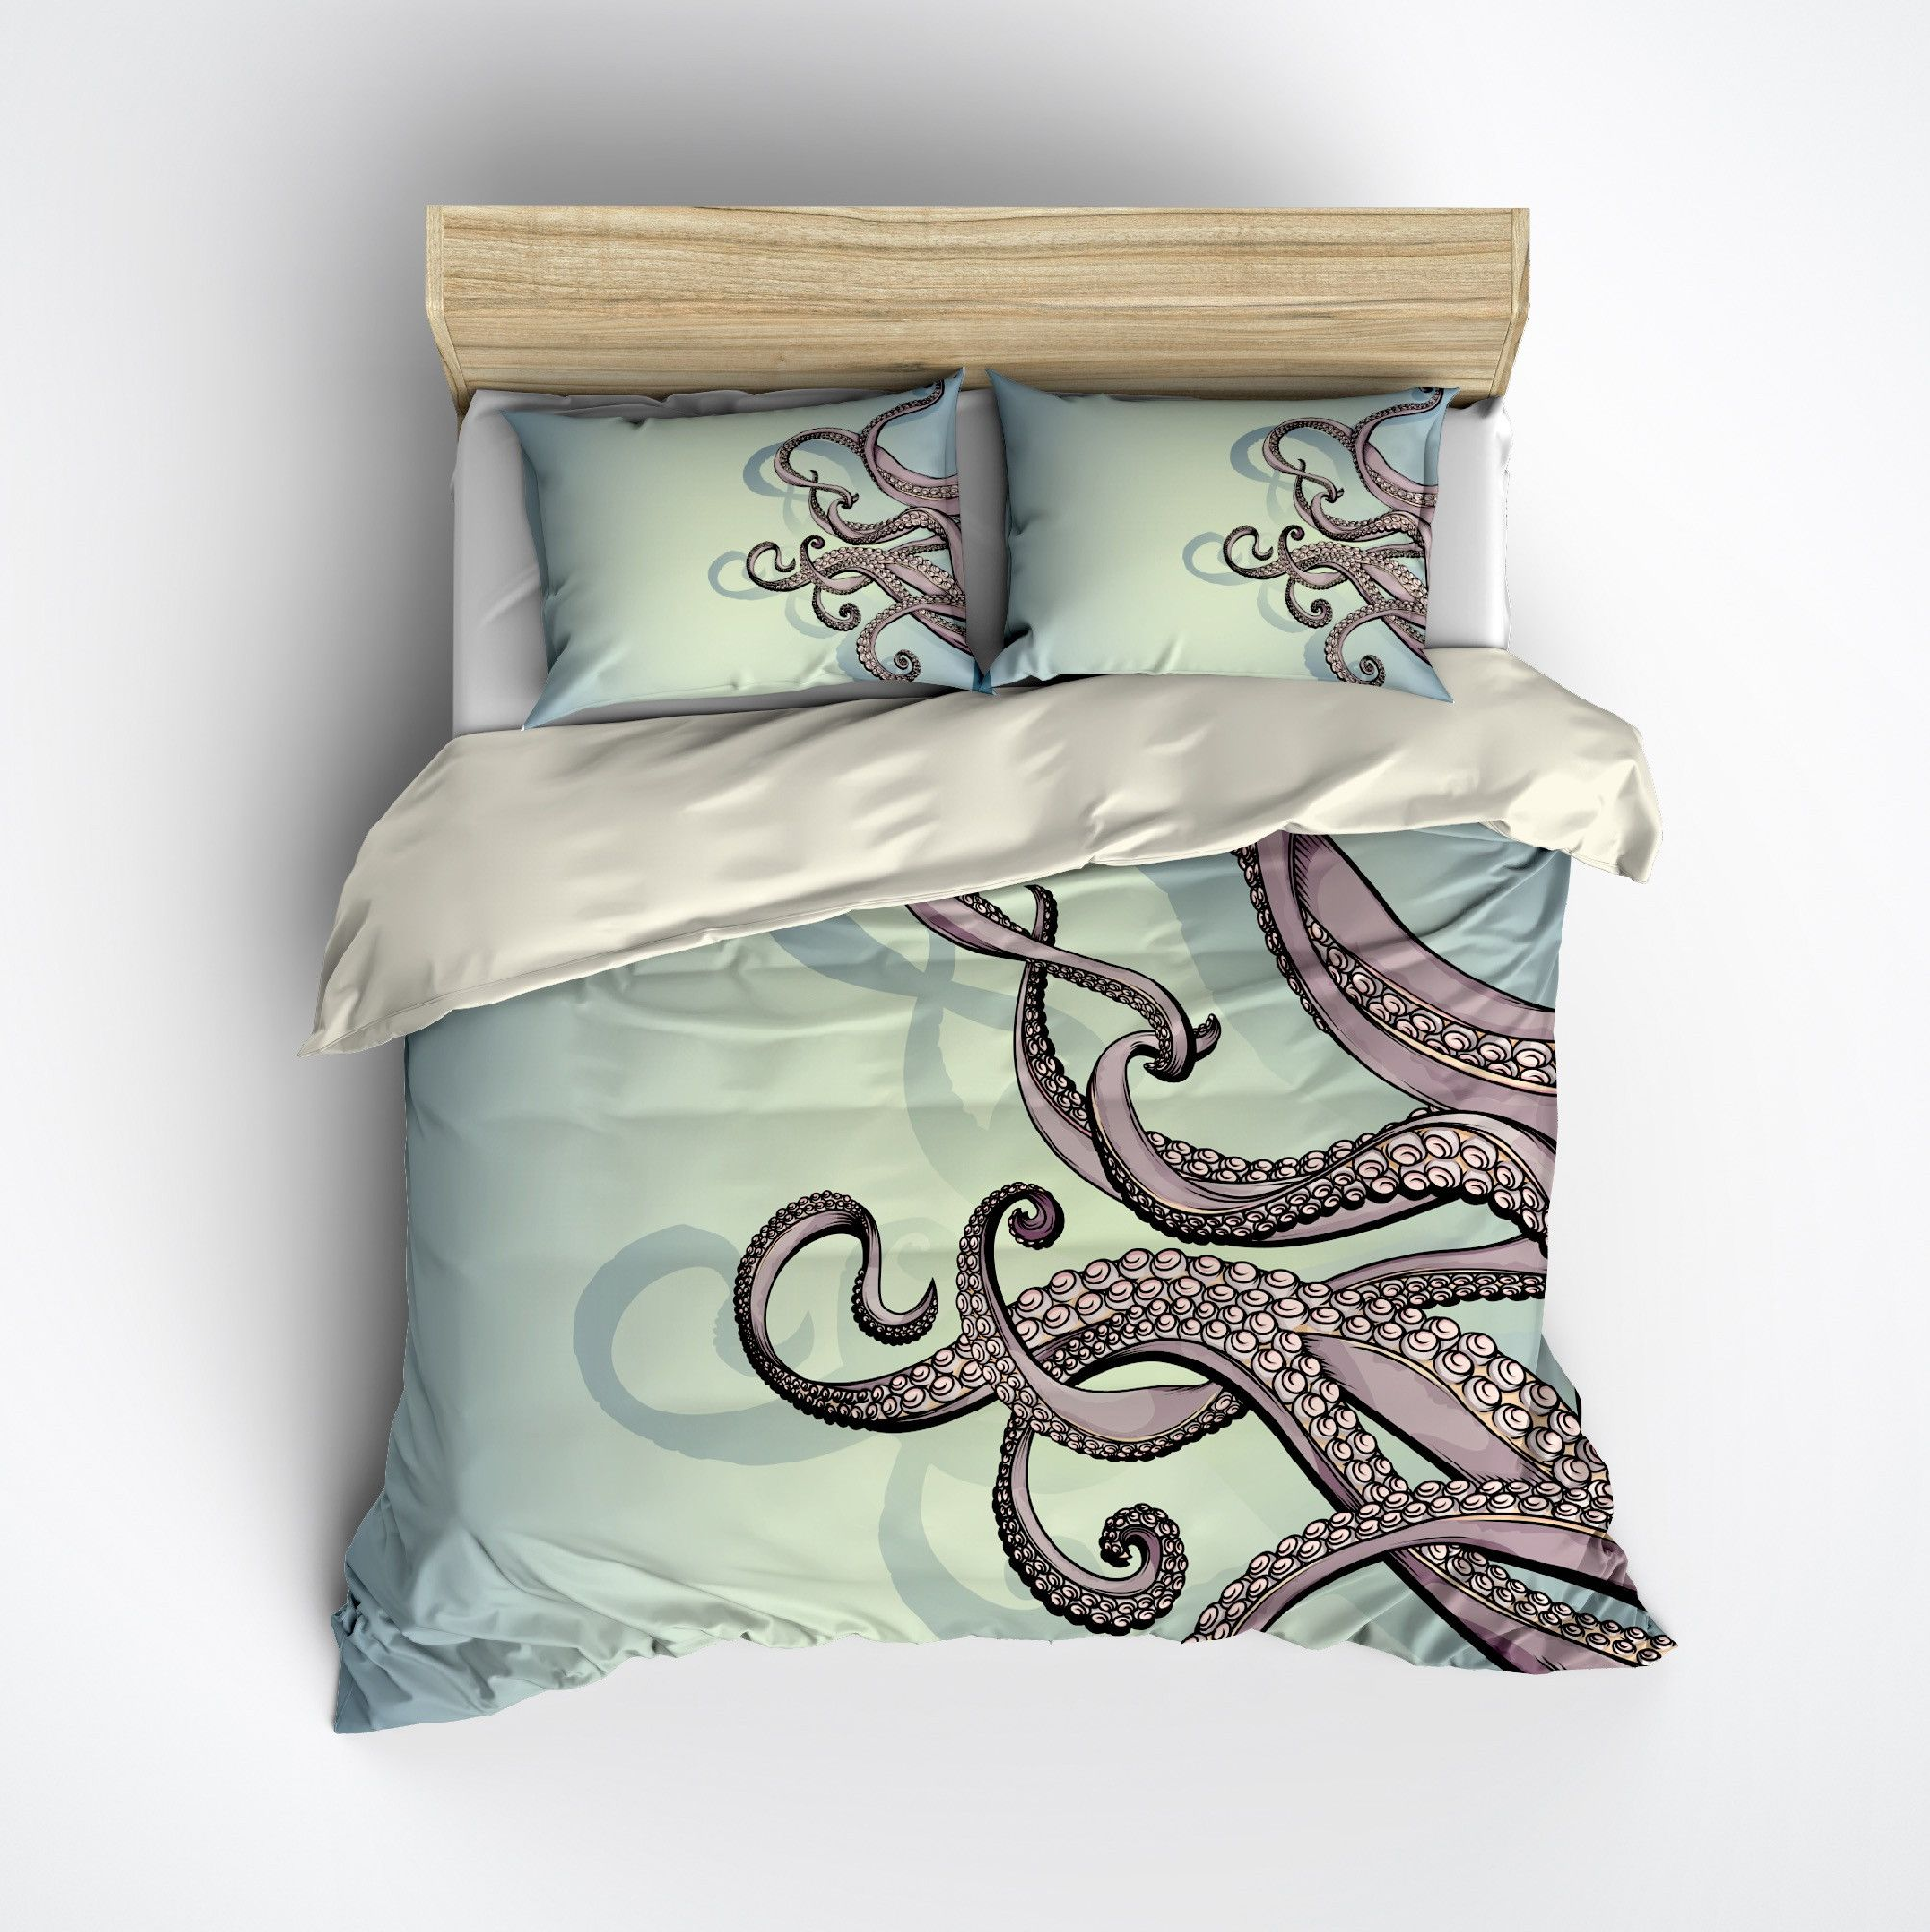 Full Size of Octopus Betten Purple Tentacle Bedding Cream Federbetten Massivholz Jensen Team 7 De Luxus Landhausstil Joop Boxspring Amazon Französische Billige Test Aus Wohnzimmer Octopus Betten